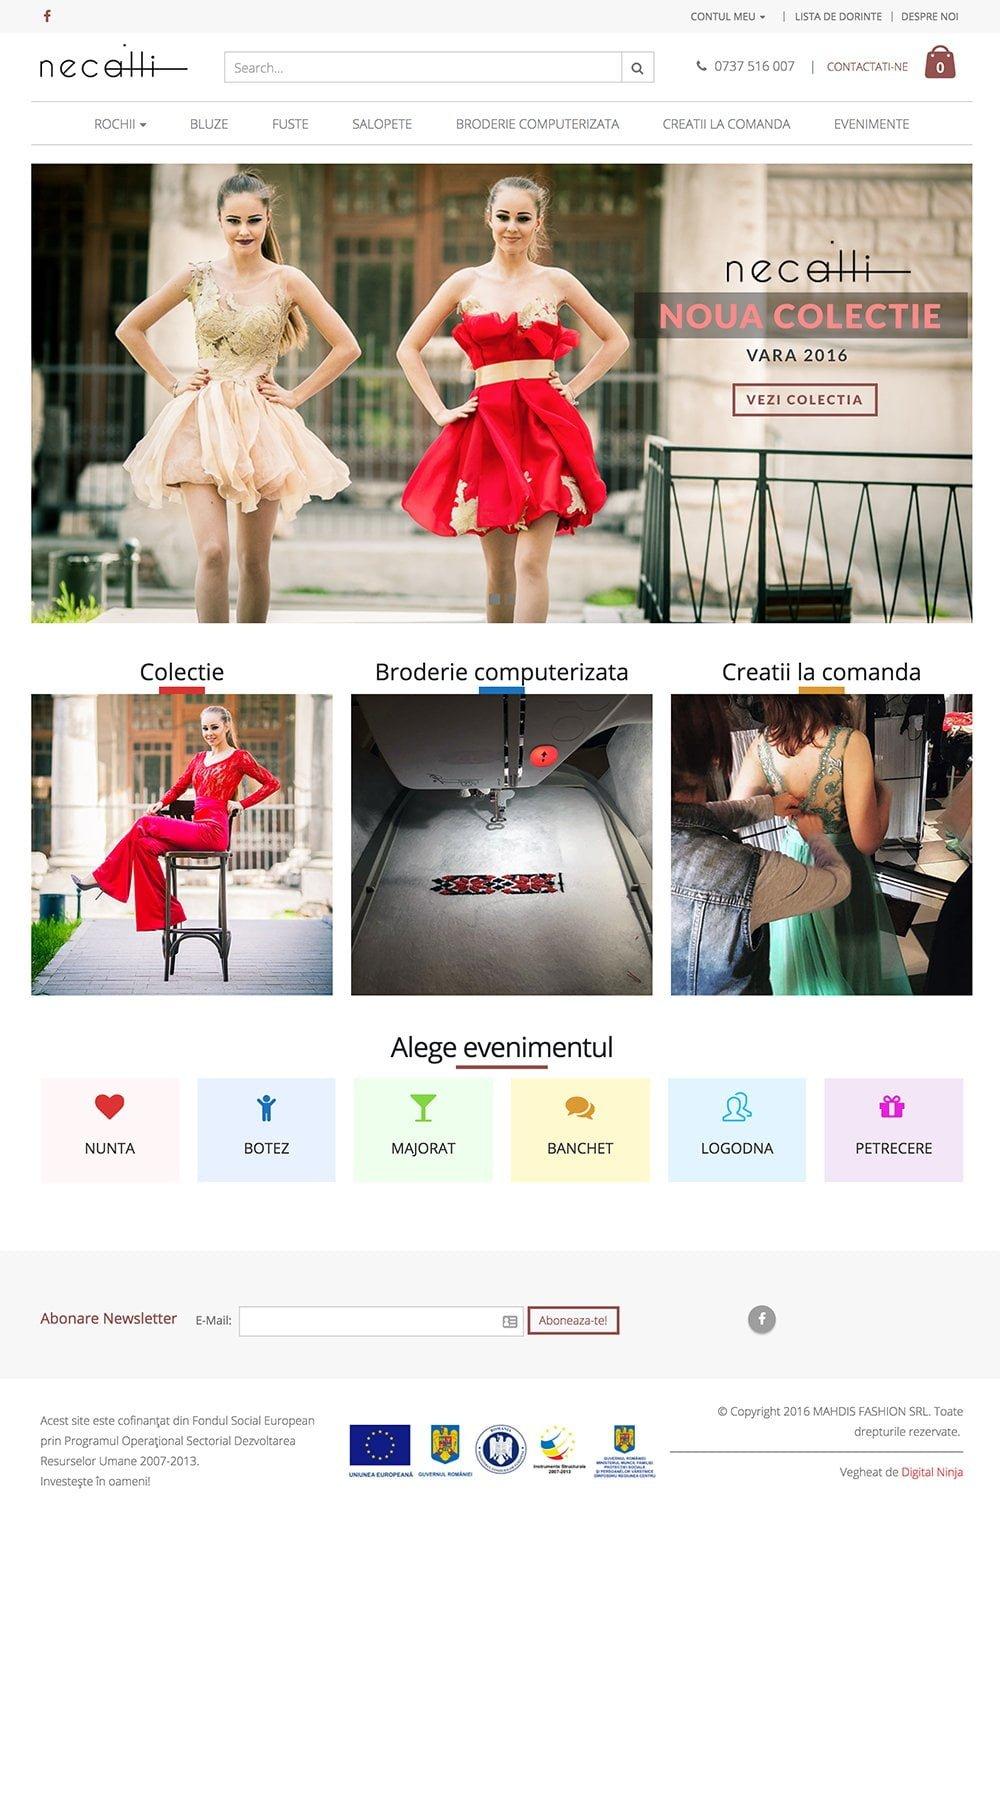 Agentie Web Design portofoliu client necalli.ro